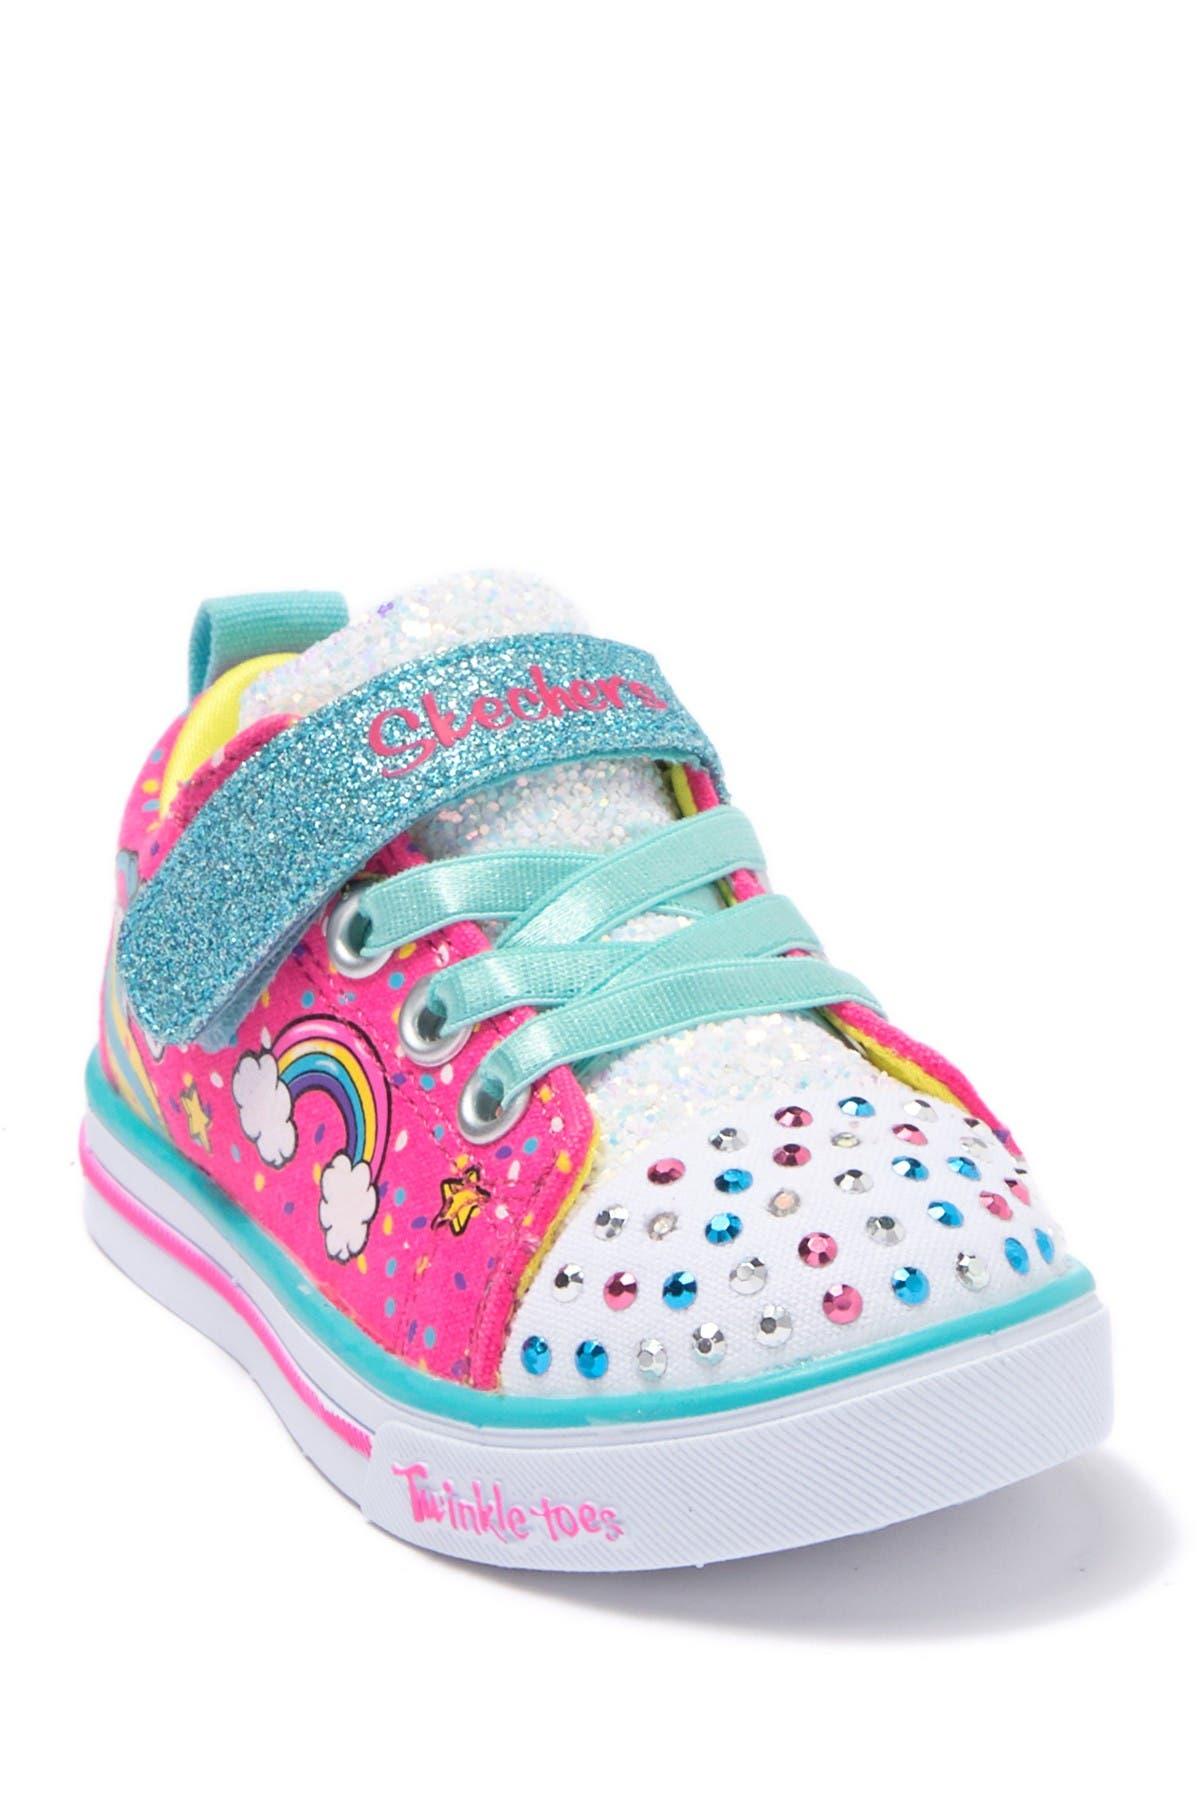 Twinkle Toes Unicorn Light-Up Sneaker